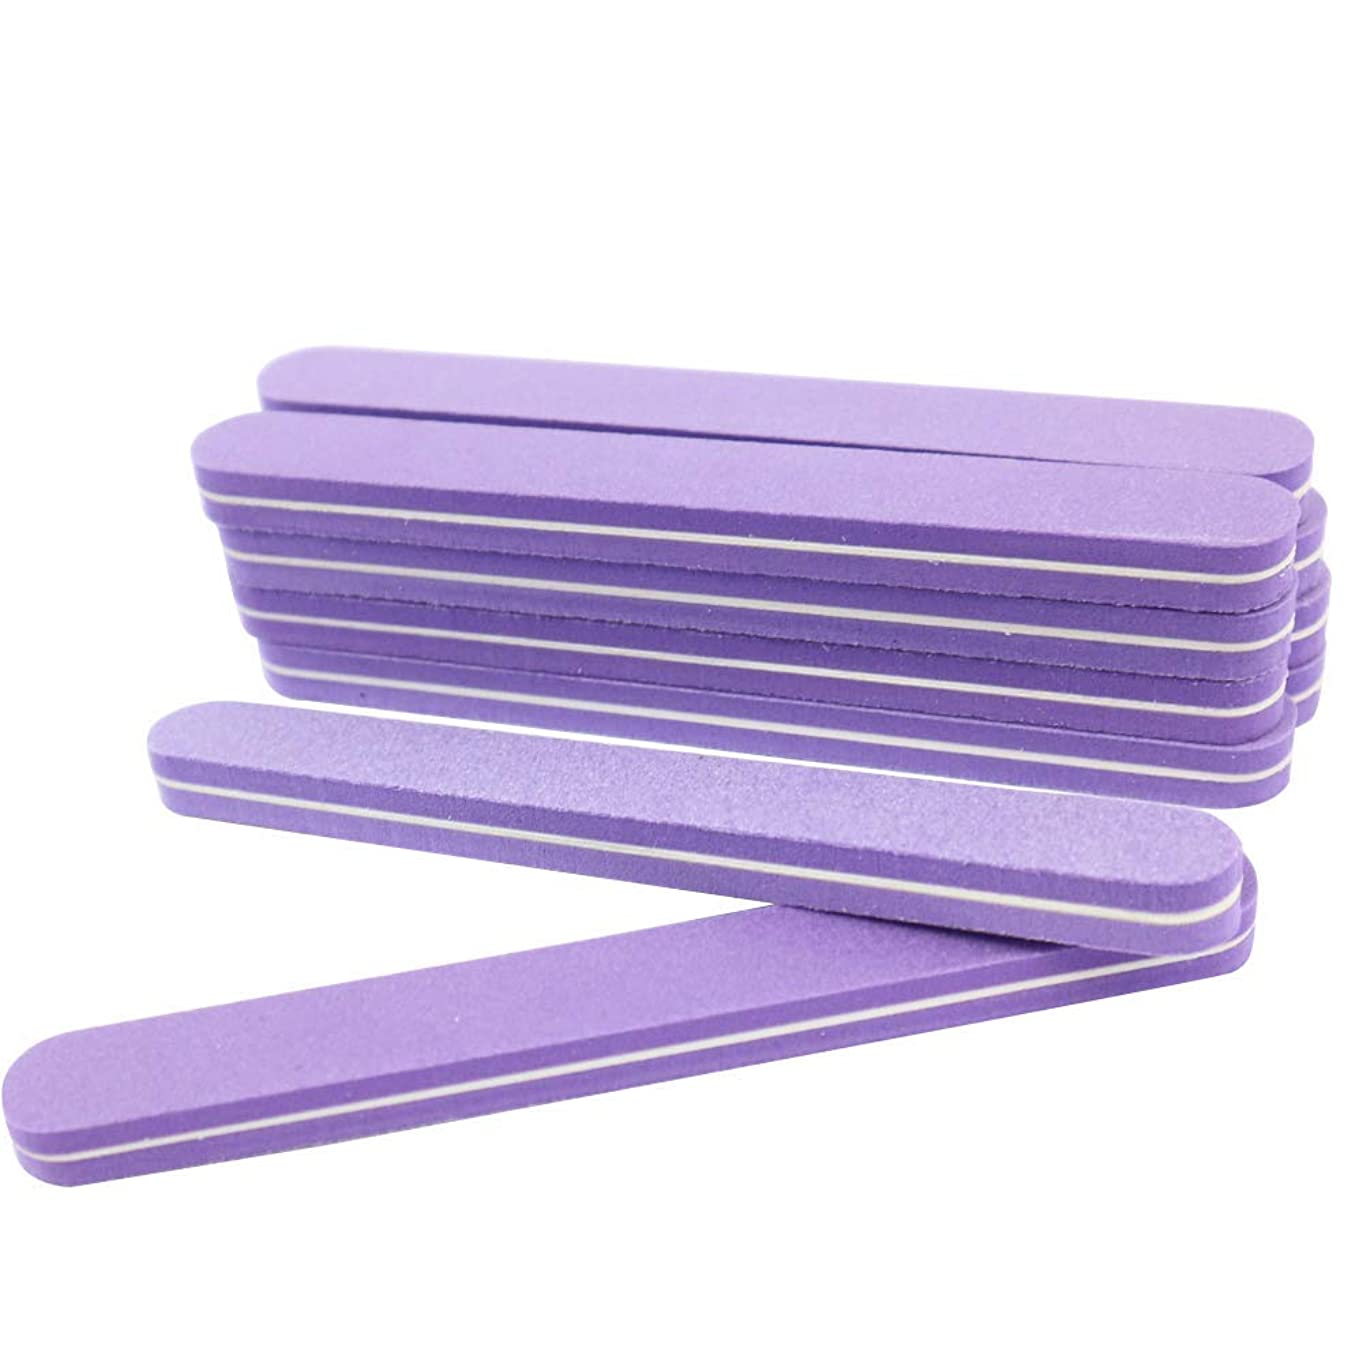 除外する永遠に創傷(値下げ)ネイル用 2WAYシャイナー 10本セット おうちで爪磨き 選べる2タイプ (形状:ストレート)